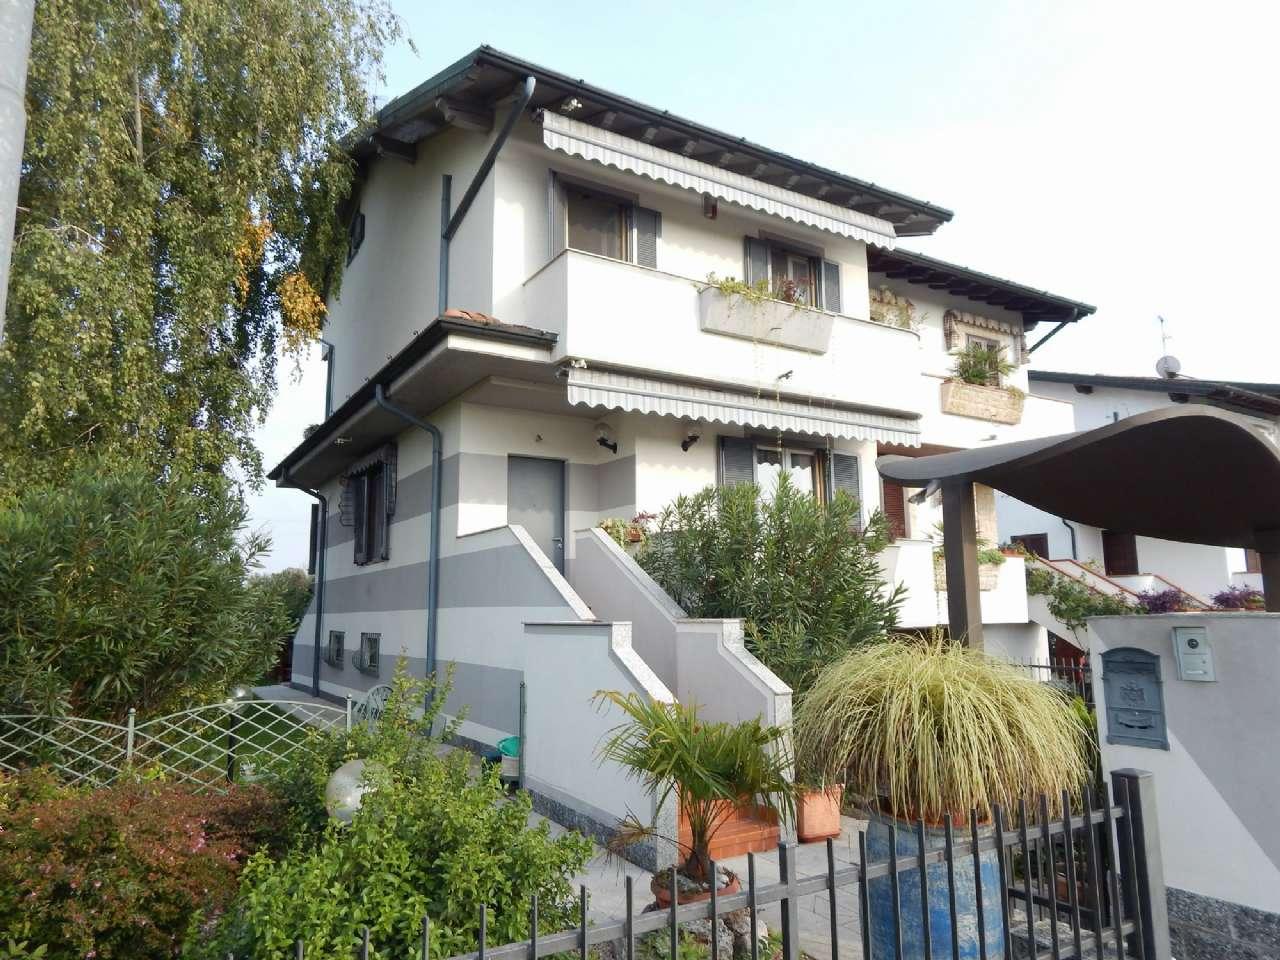 Villa Bifamiliare in Vendita a Caravaggio